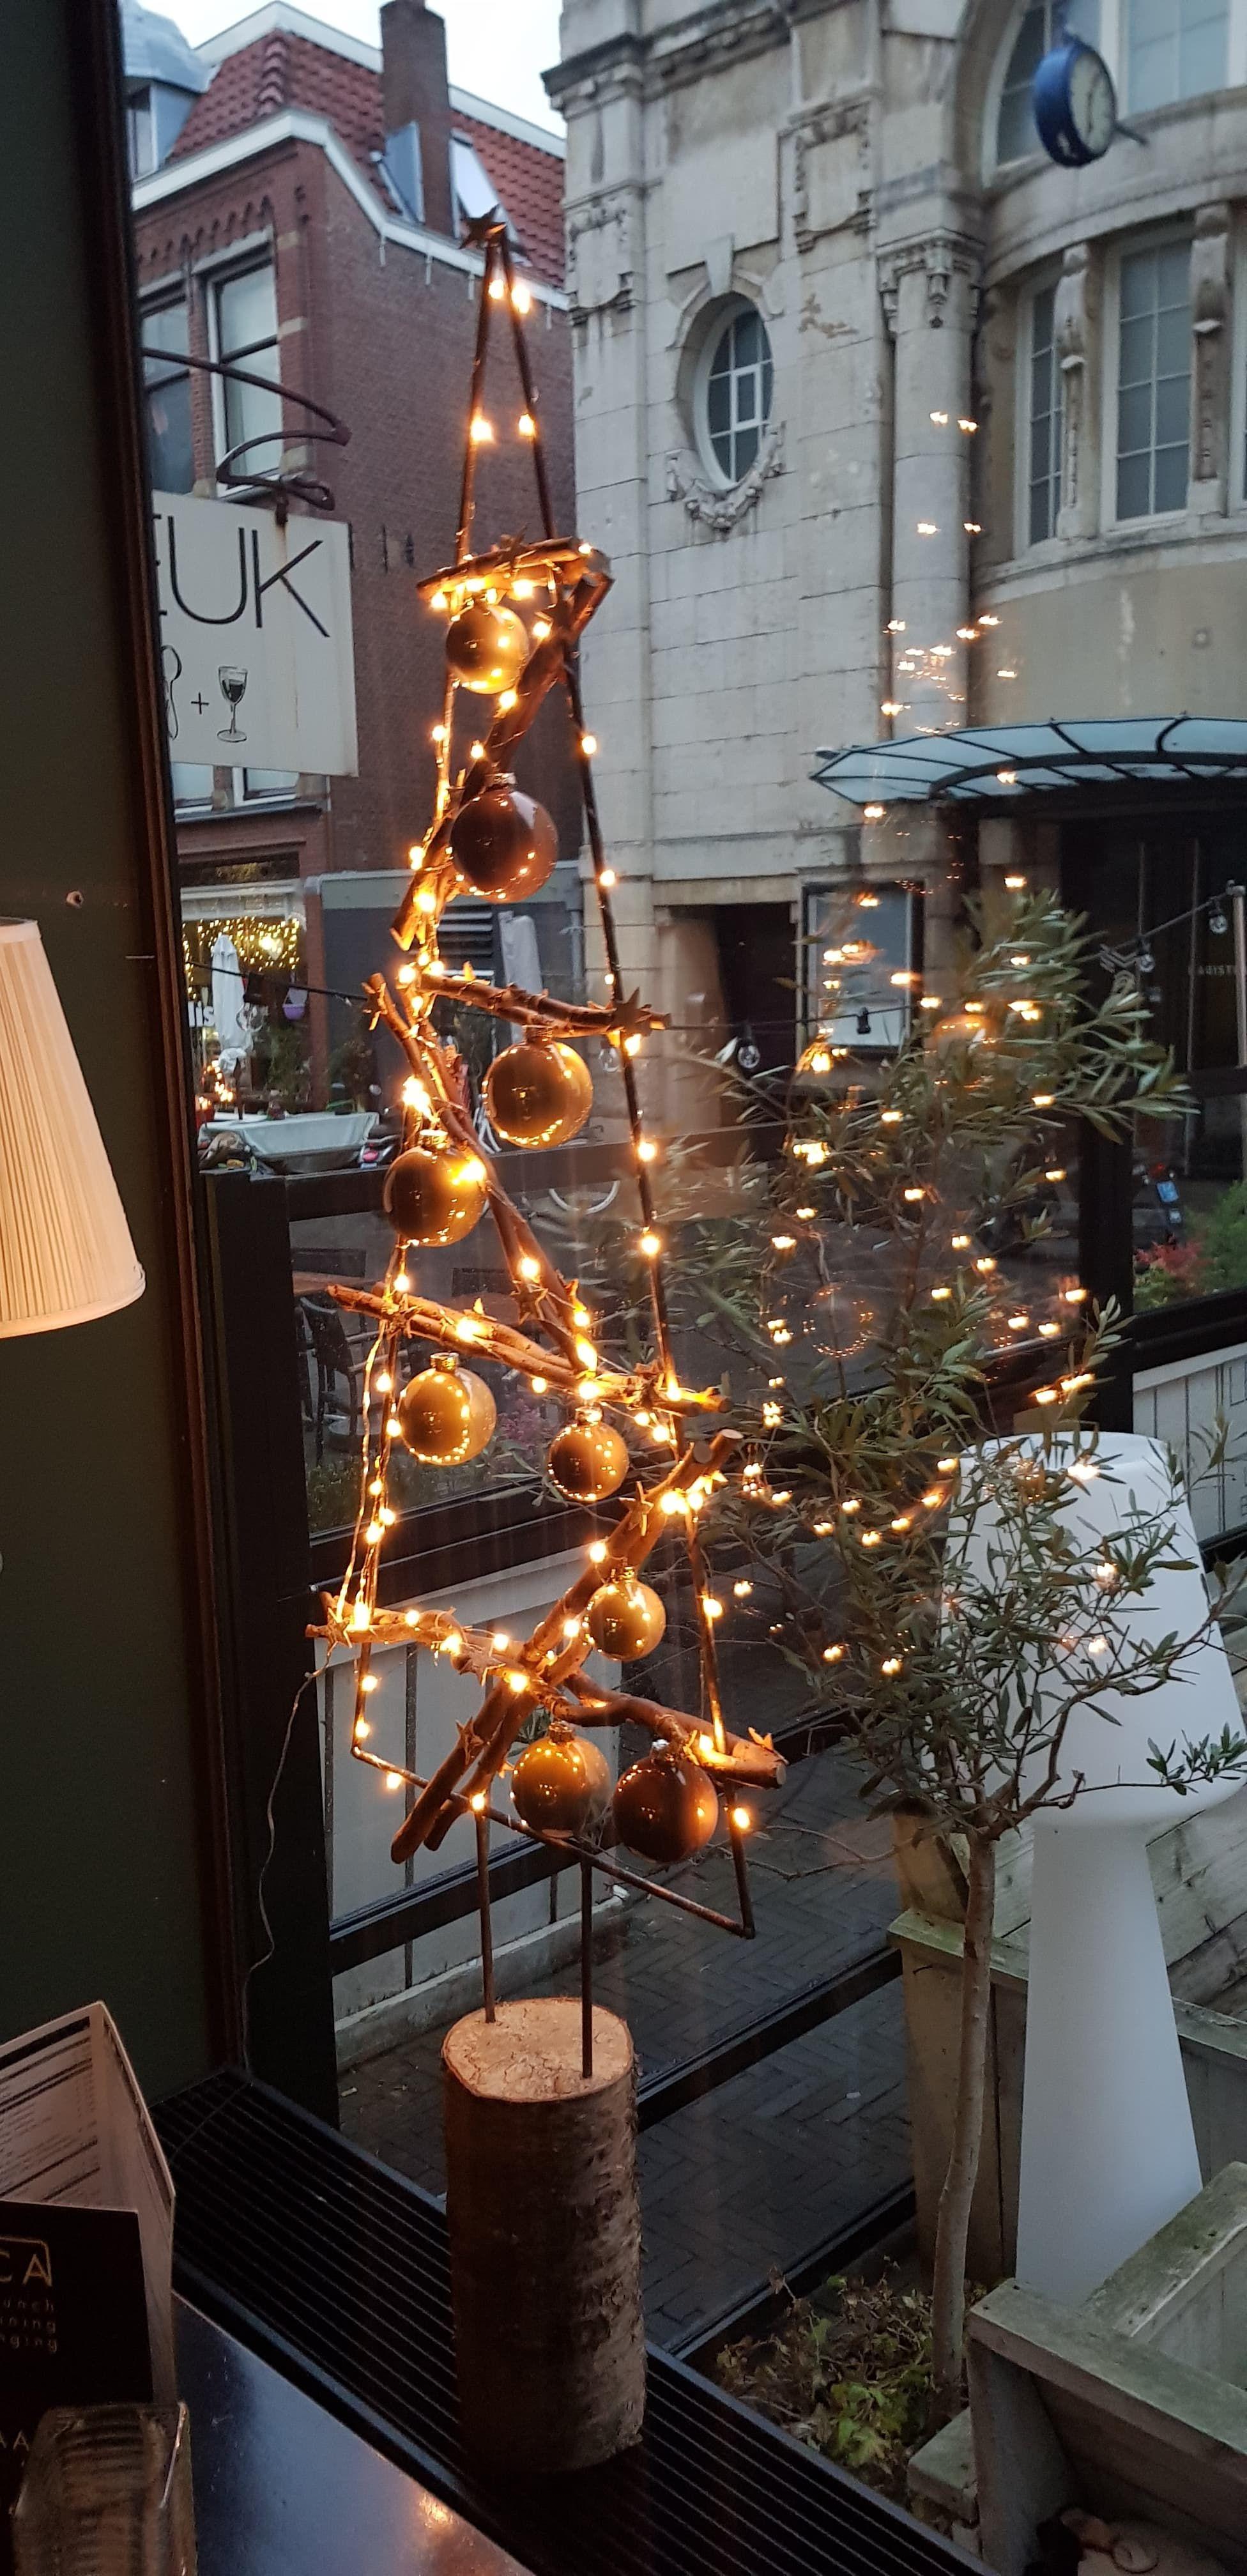 kerst versiering voor een raam kerstboom met verlichting en kerstballen wwwdecoratietakkennl